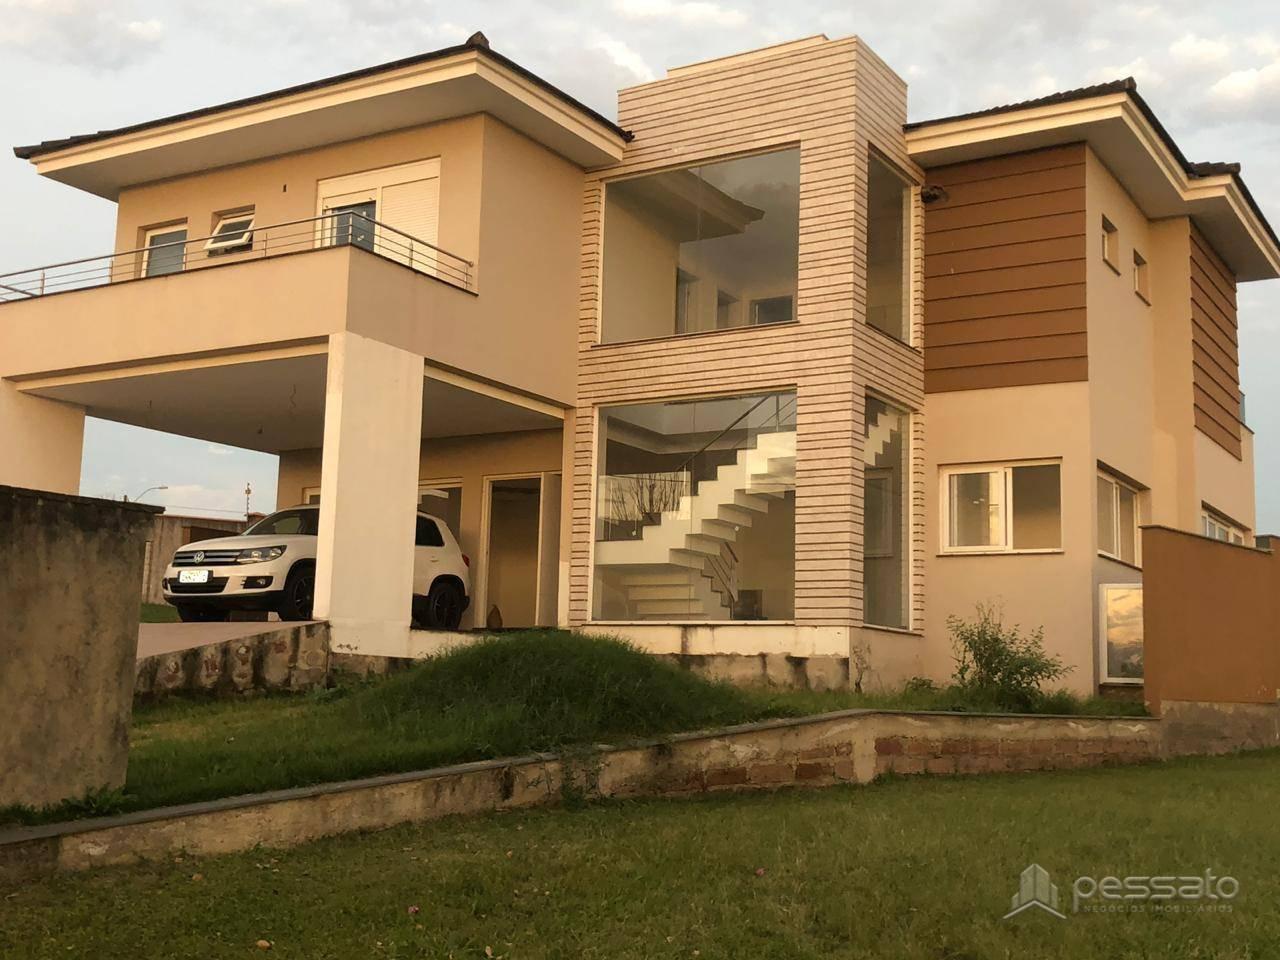 casa 4 dormitórios em Gravataí, no bairro Alphaville